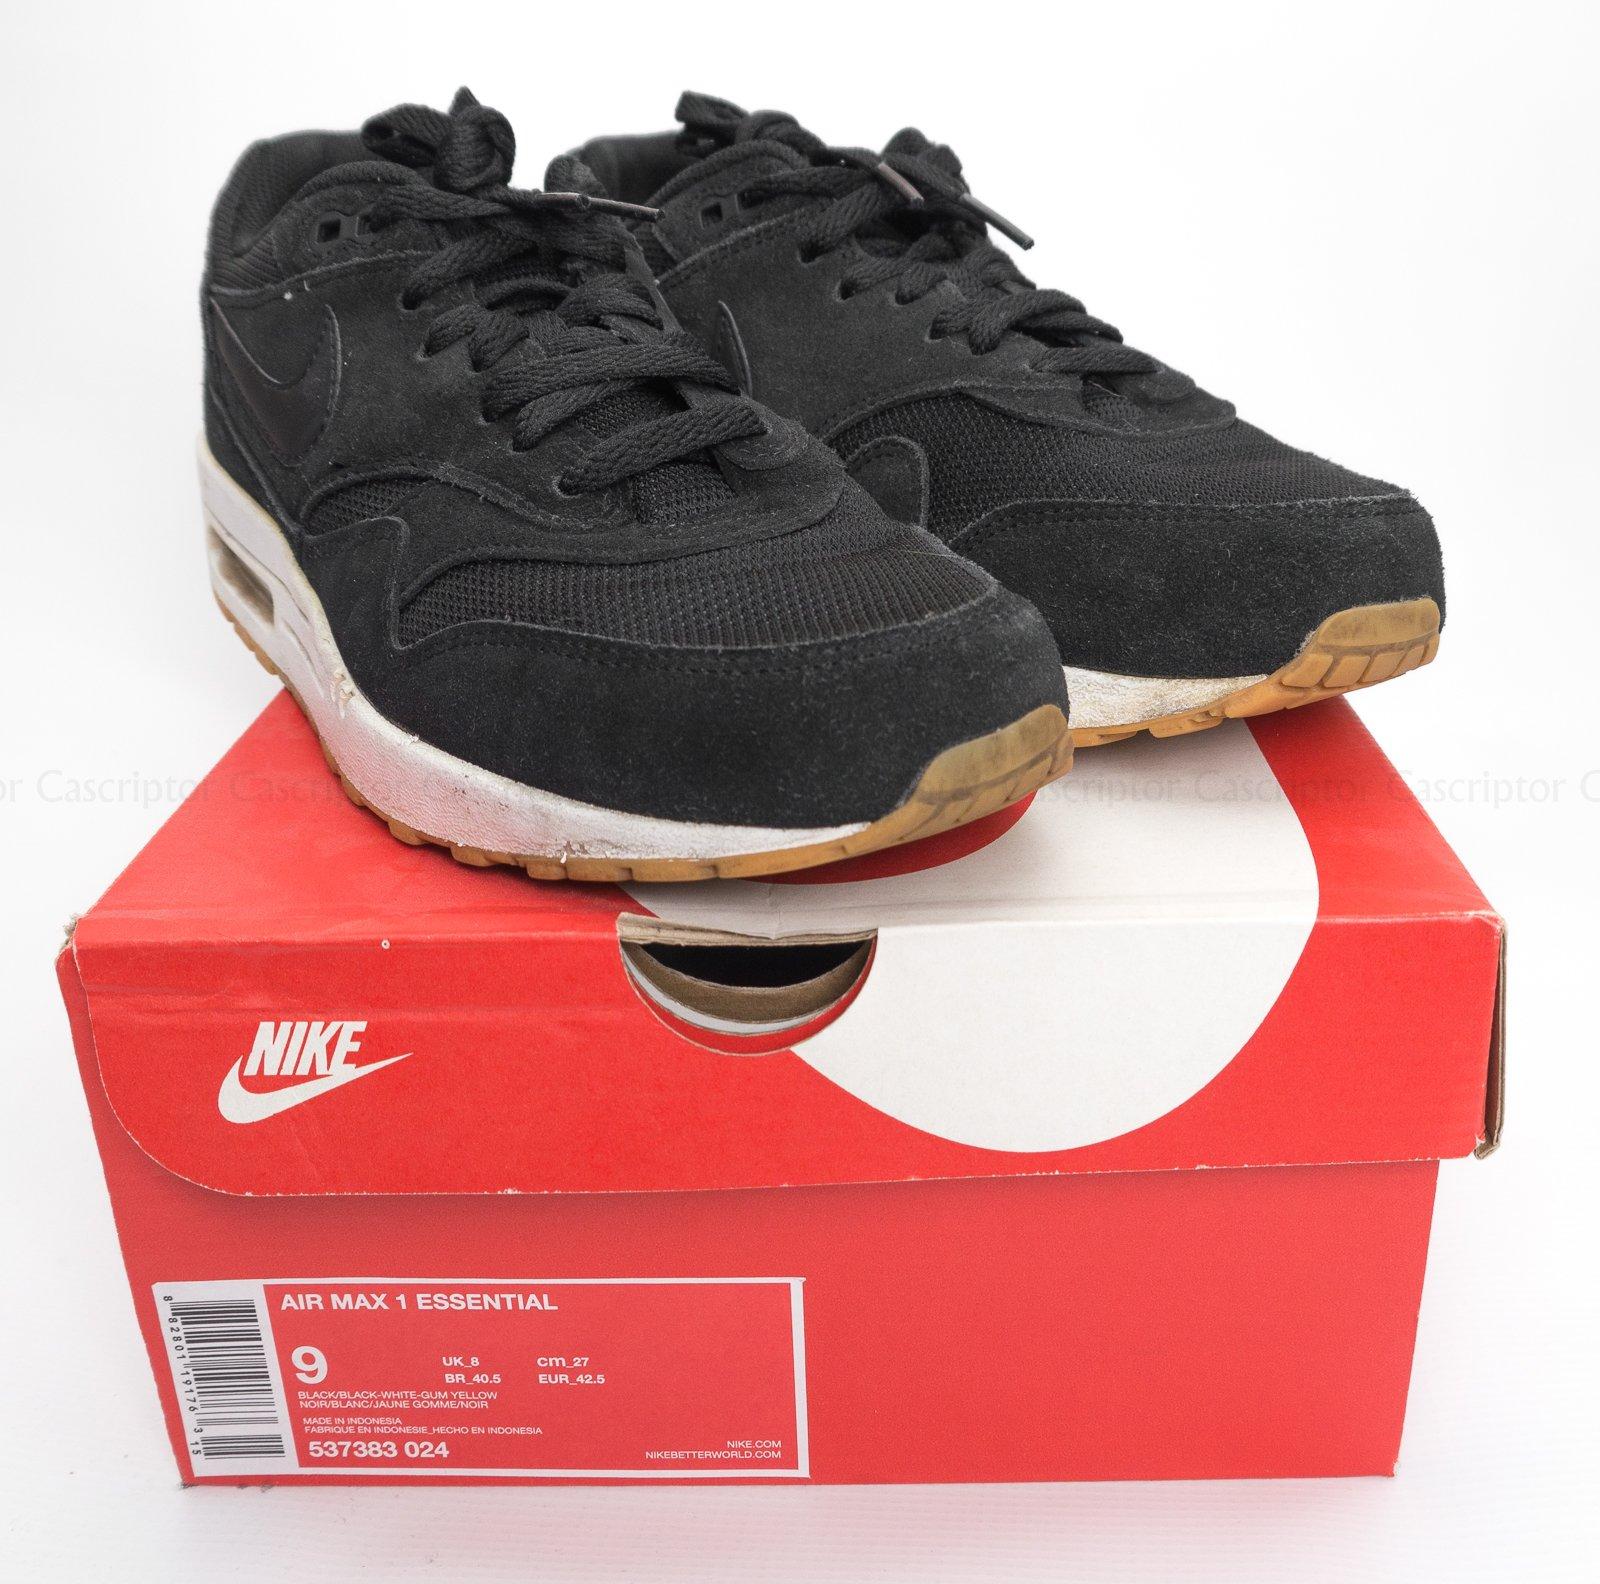 brand new a560b 0c946 Nike Air Max 1 Essential 42,5 27cm 537383 024